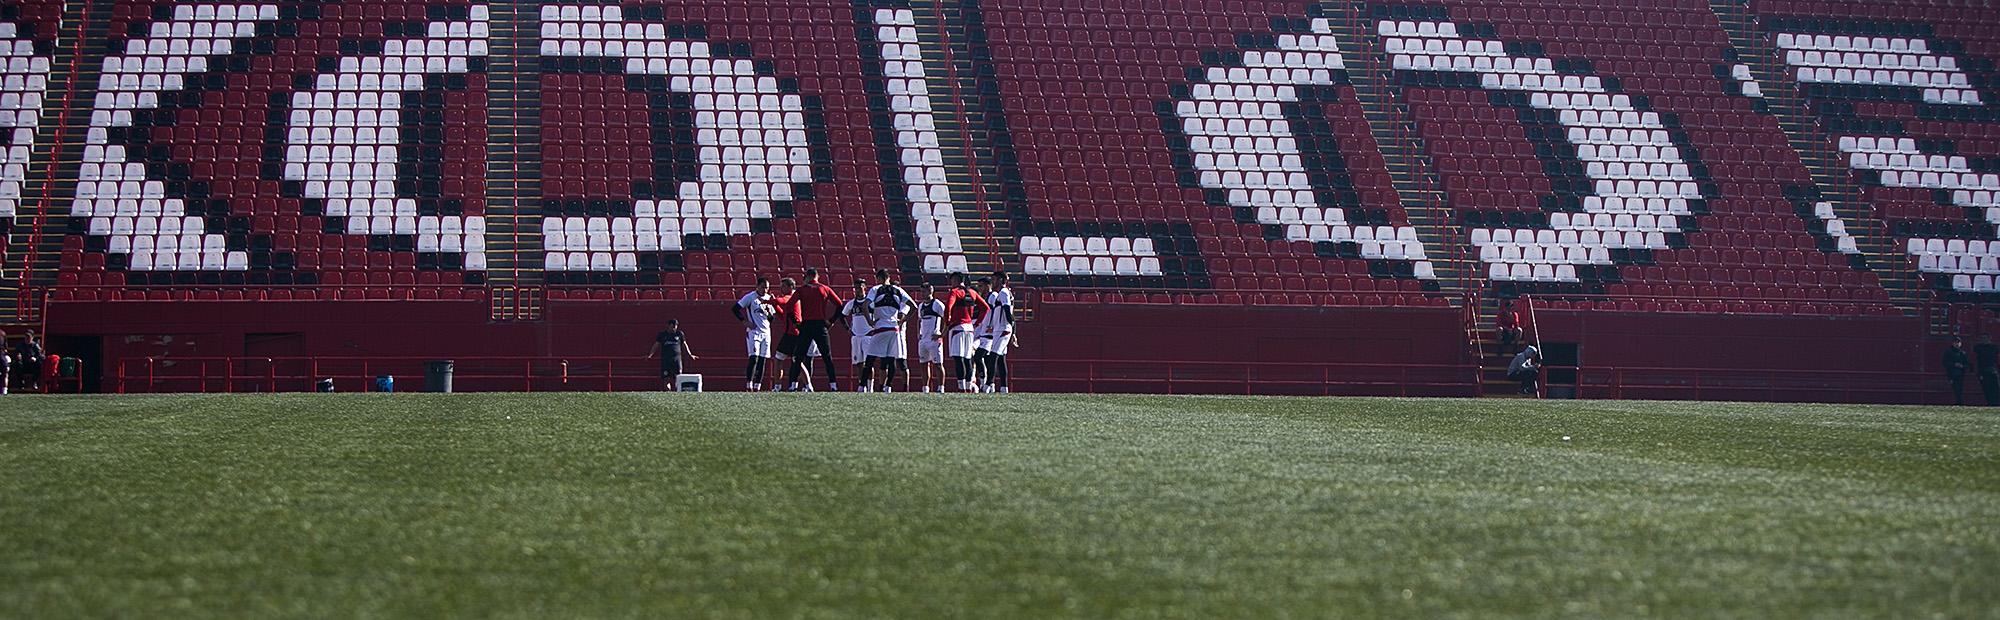 Xolos training. Image via Club Tijuana